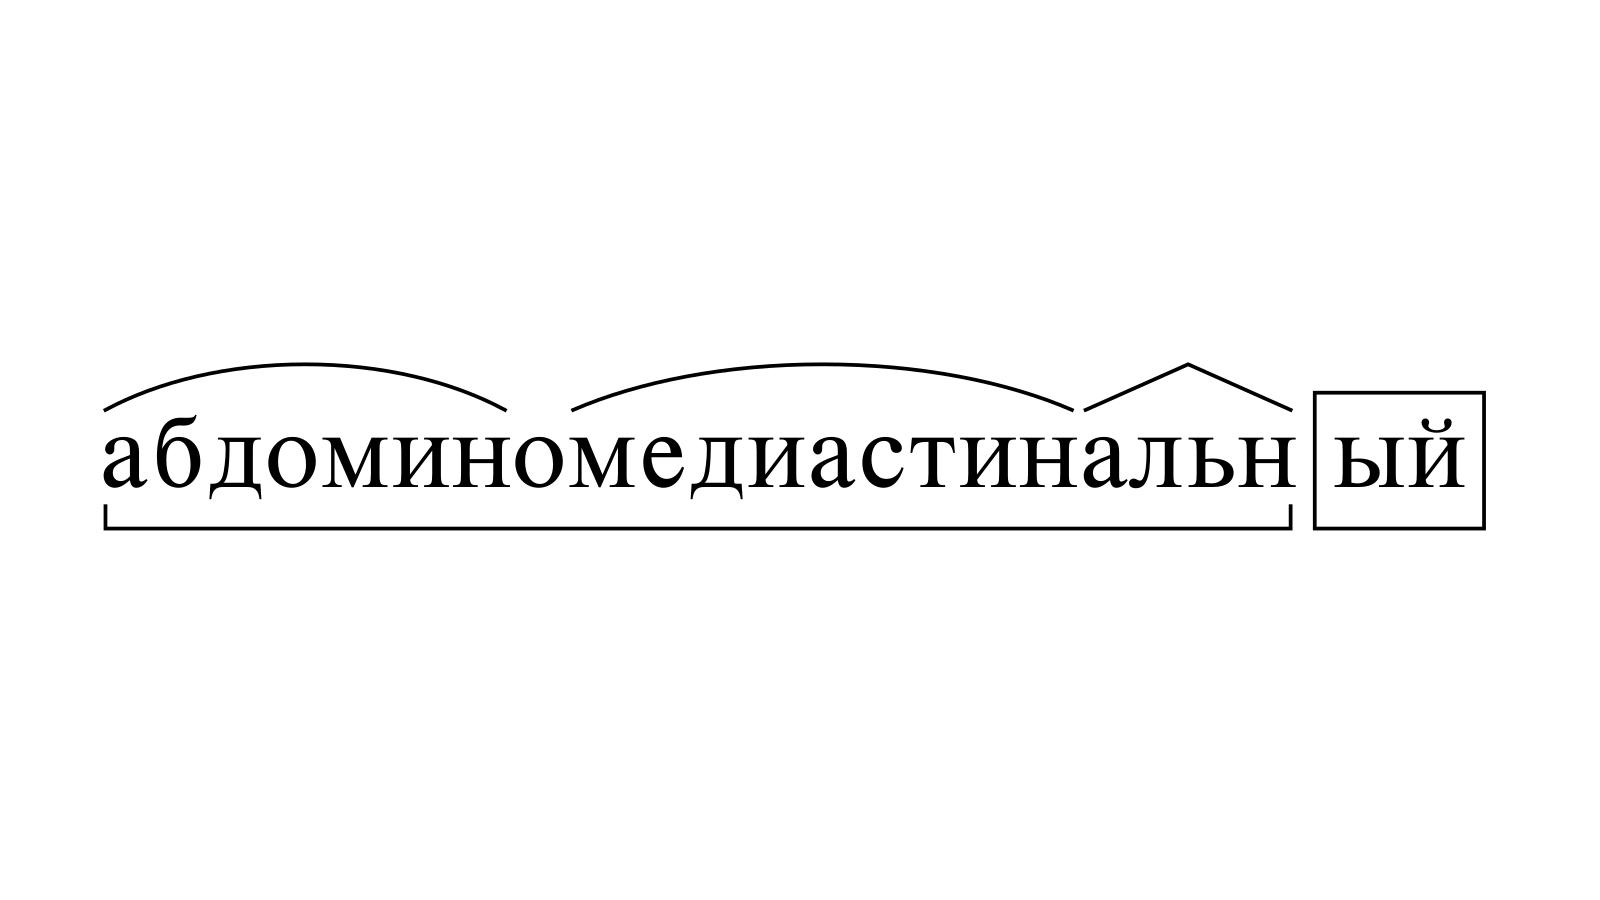 Разбор слова «абдоминомедиастинальный» по составу